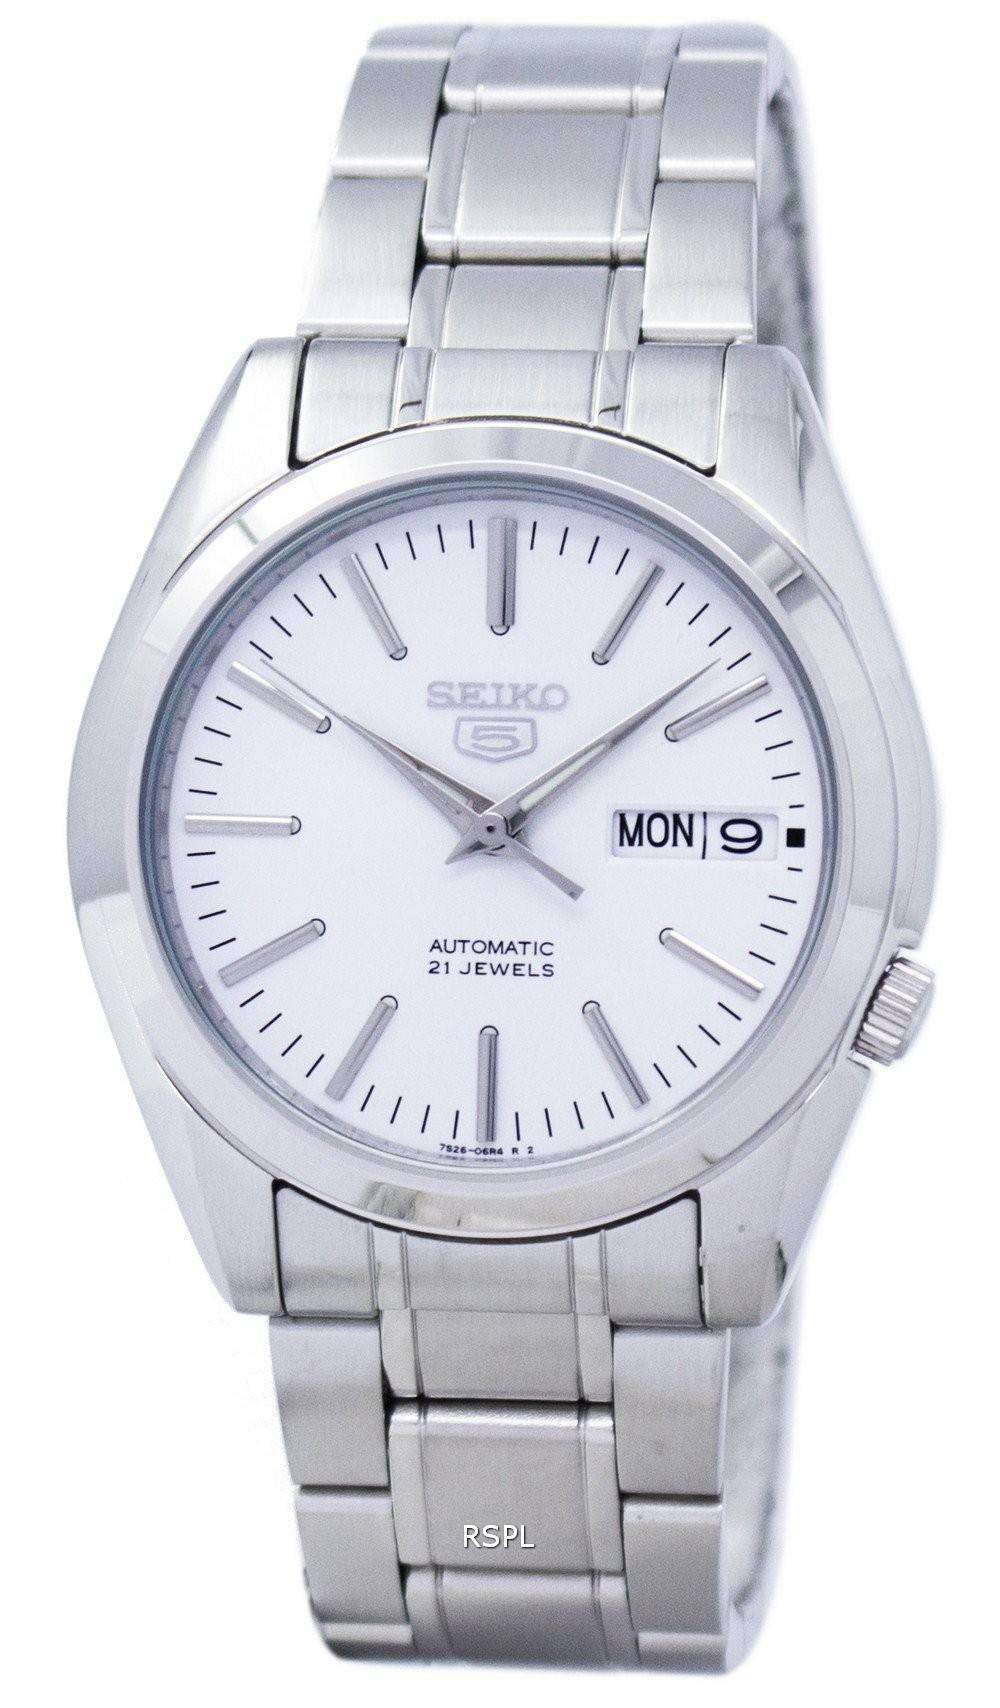 brand new 1cb26 ff619 Seiko 5 Sports Automatic 21 Jewels SNKL41 SNKL41K1 SNKL41K Men's Watch